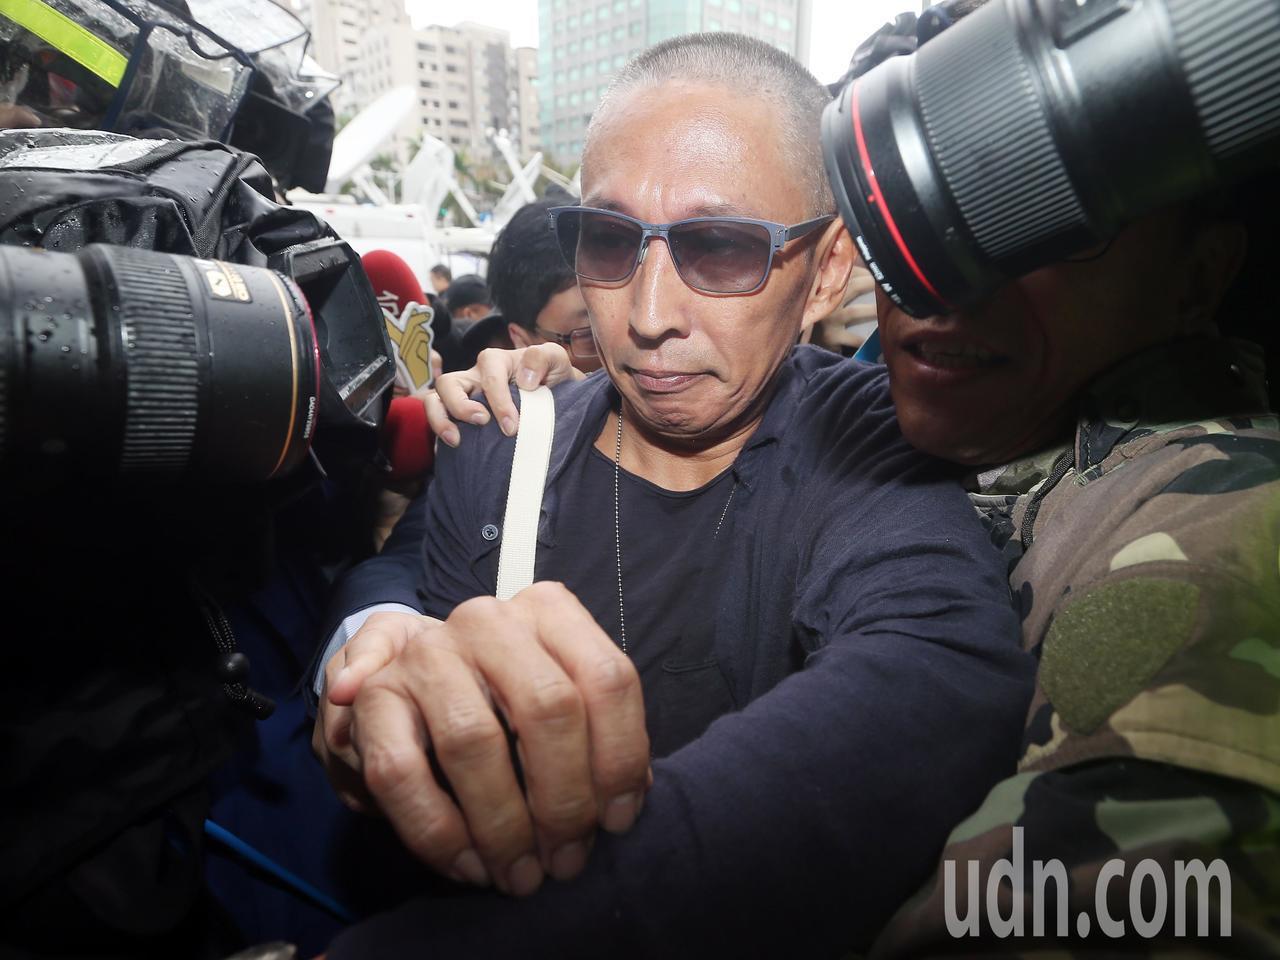 導演鈕承澤(中)被控性侵,昨天上午前往大安分局說明案情。記者杜建重/攝影